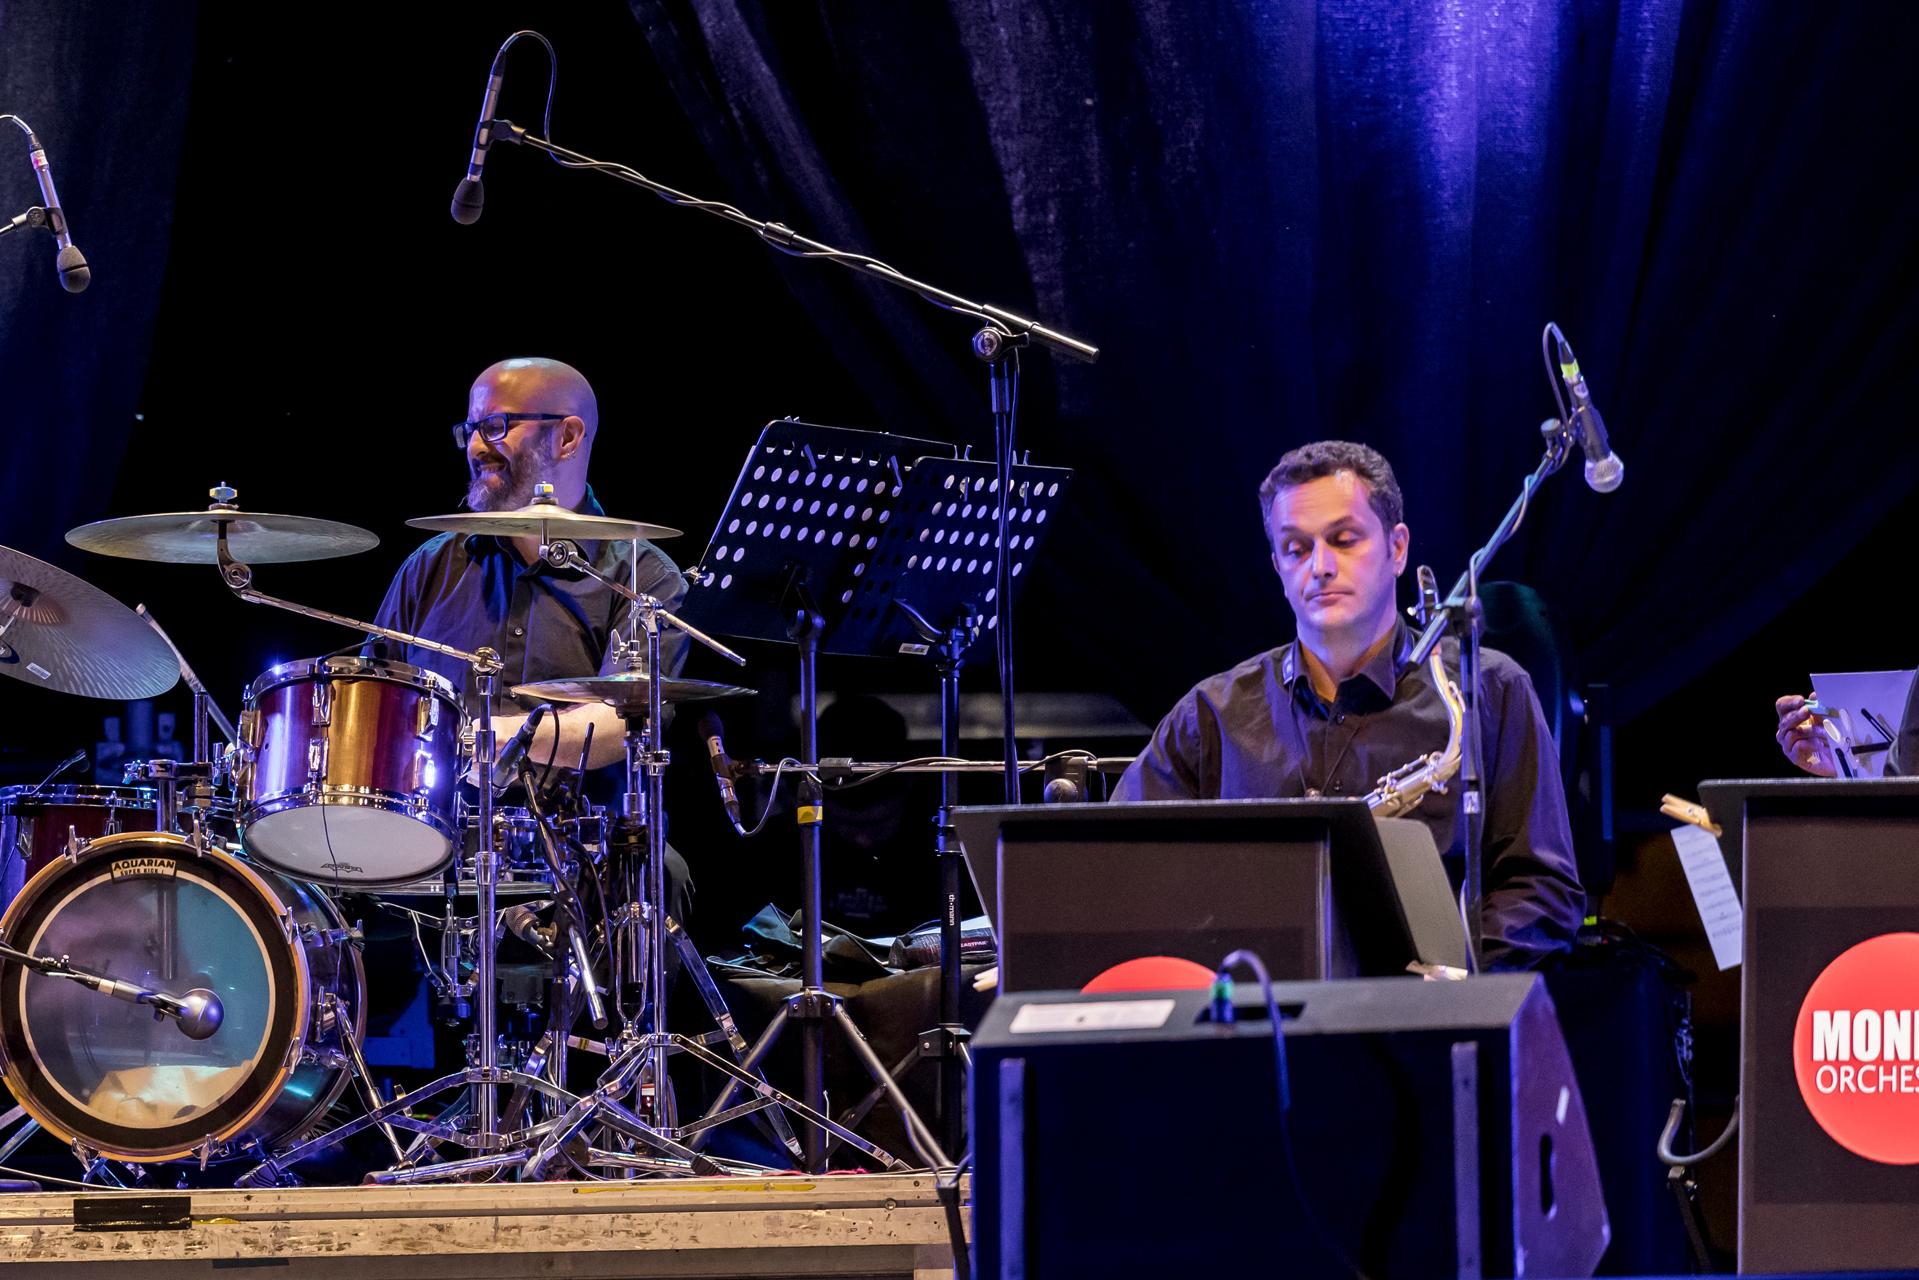 2020_08_05-Monday-Orchestra-Sforzesco-©-Luca-Vantusso-214843-EOS50083